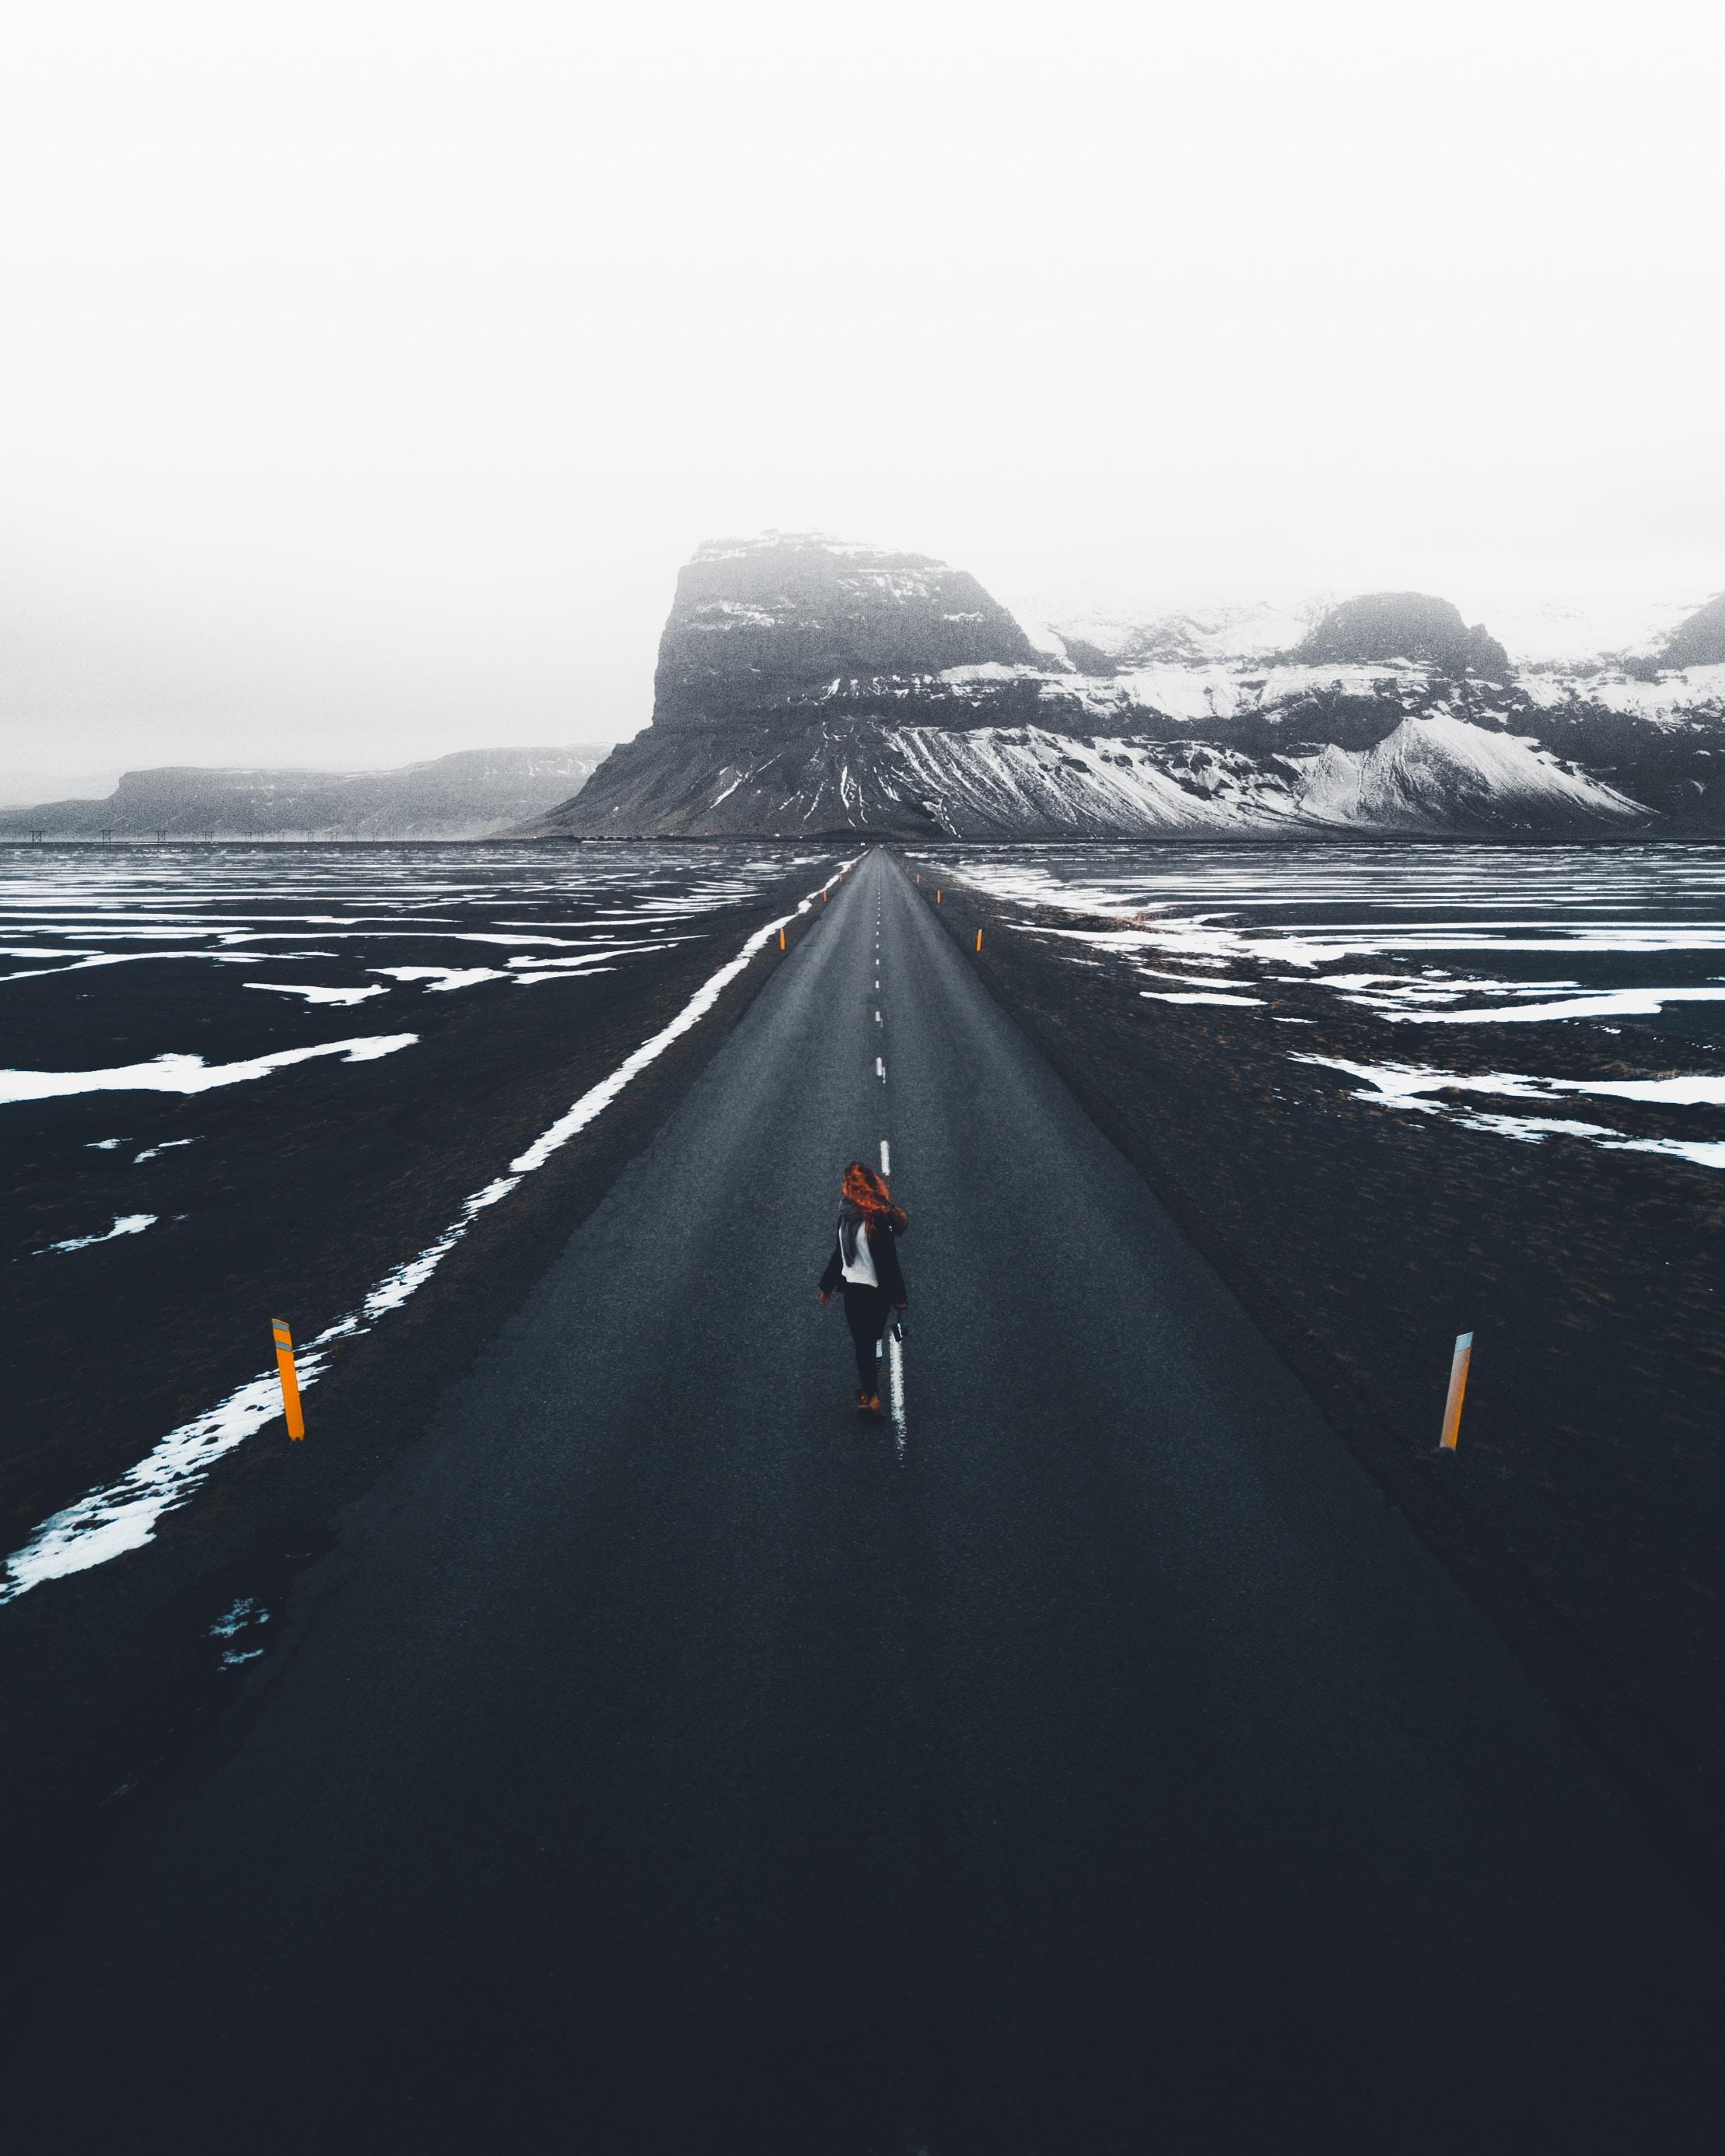 blacktop road